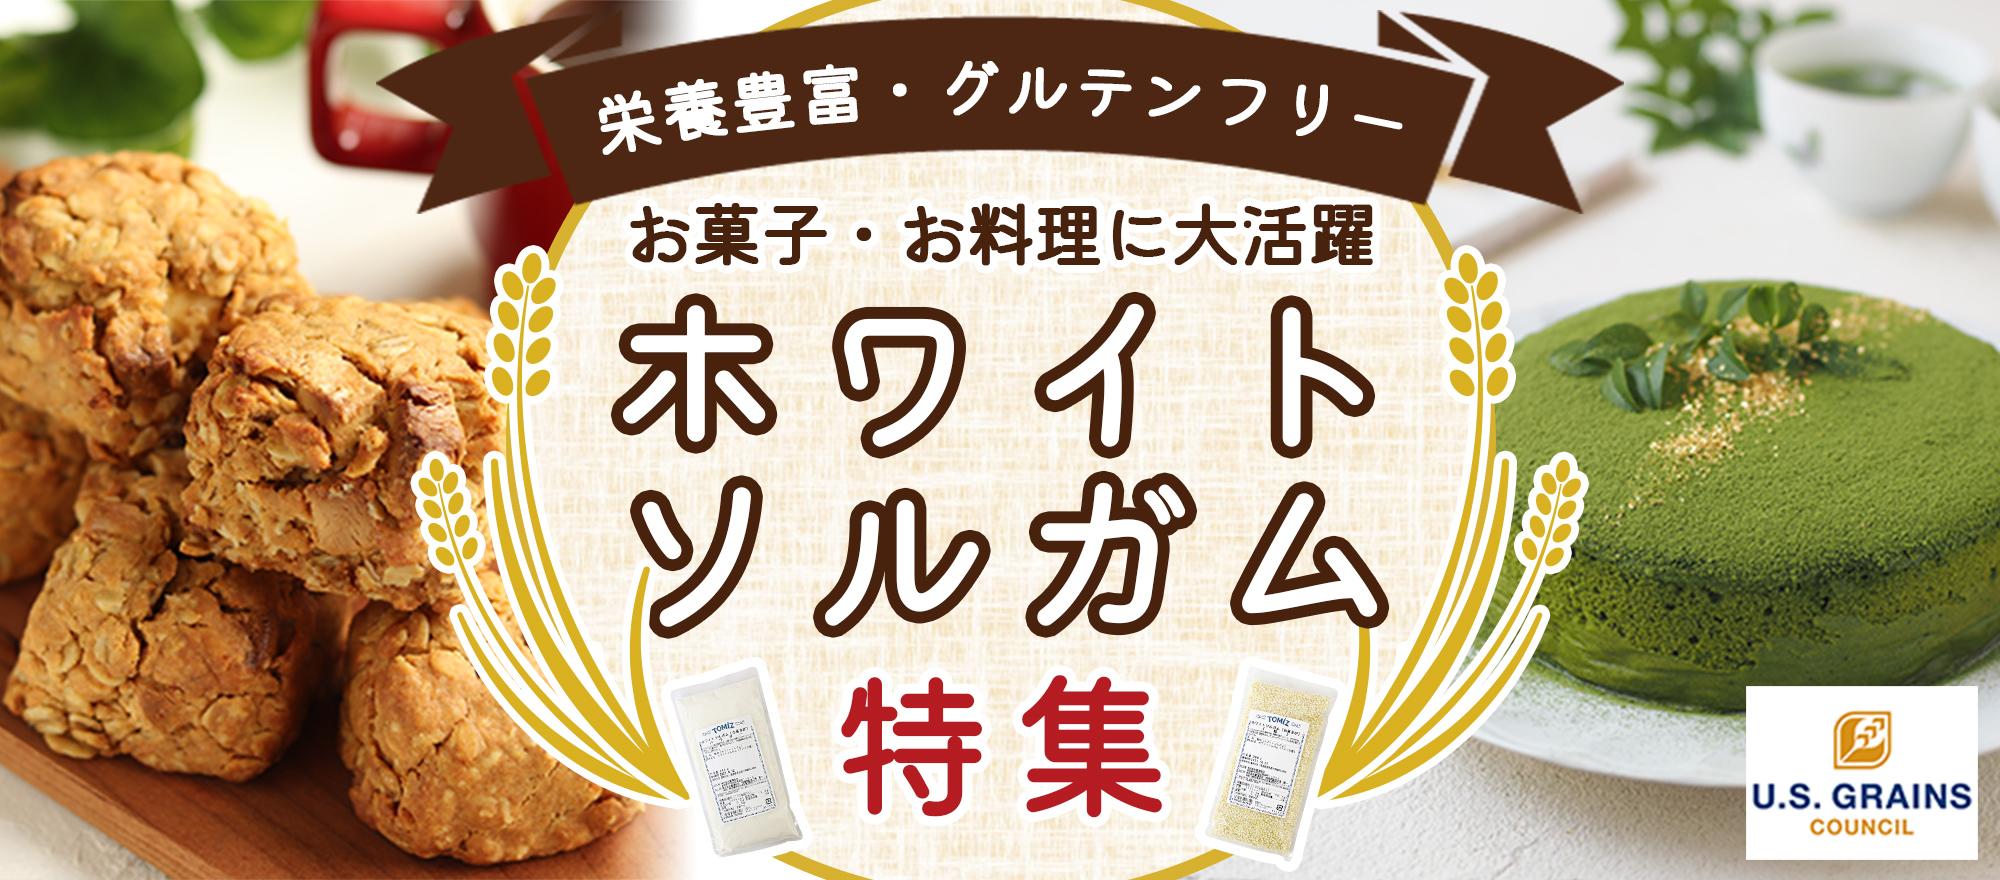 富澤商店の公式WEBサイトに、アメリカ産ソルガムきび特集ページがオープン